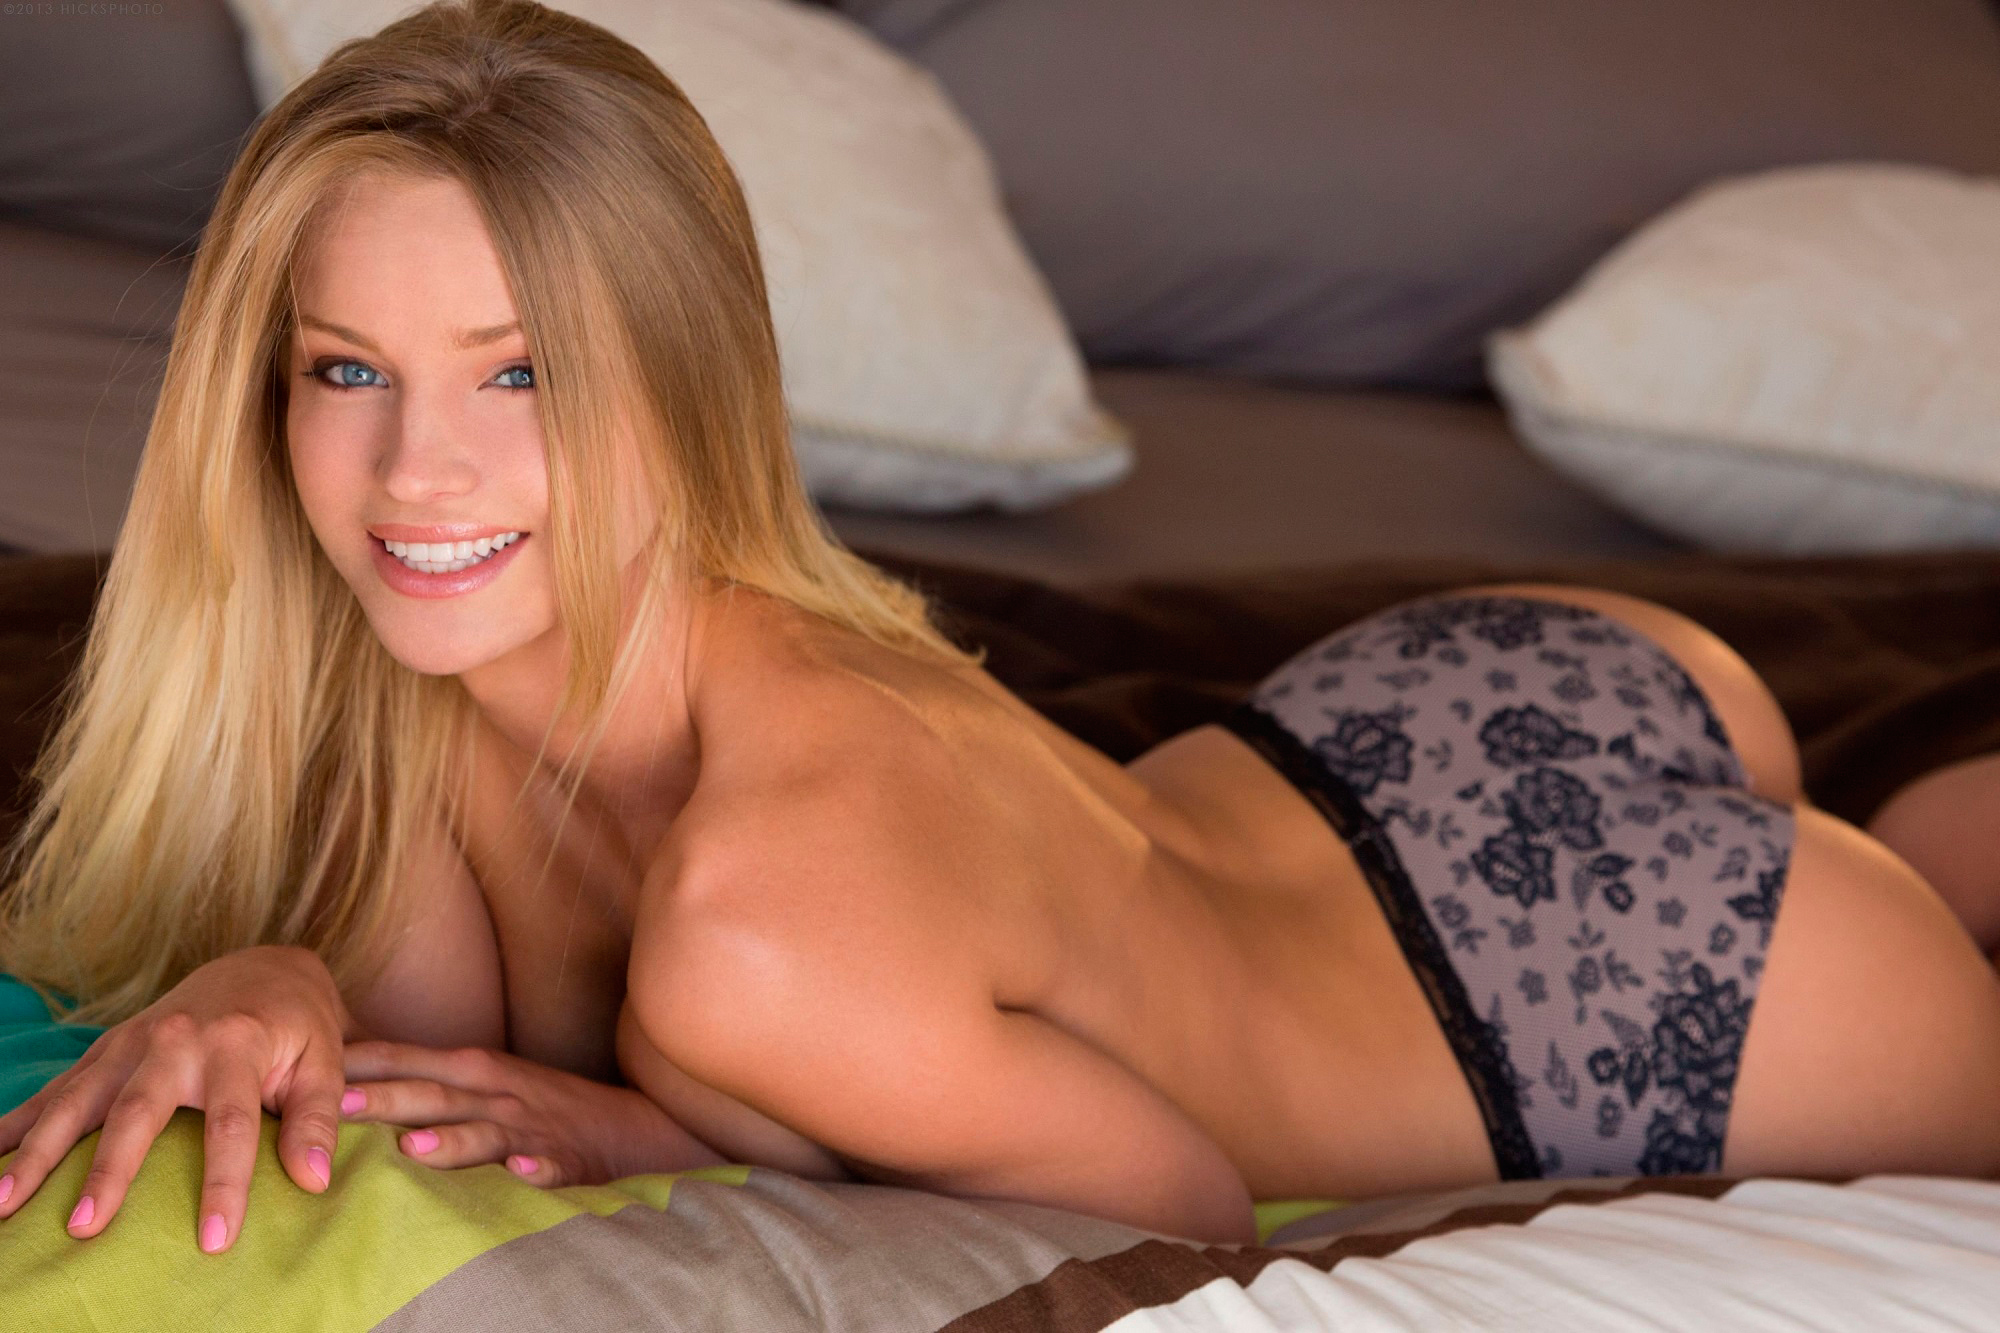 список молодых порномоделей петрозаводске, секс